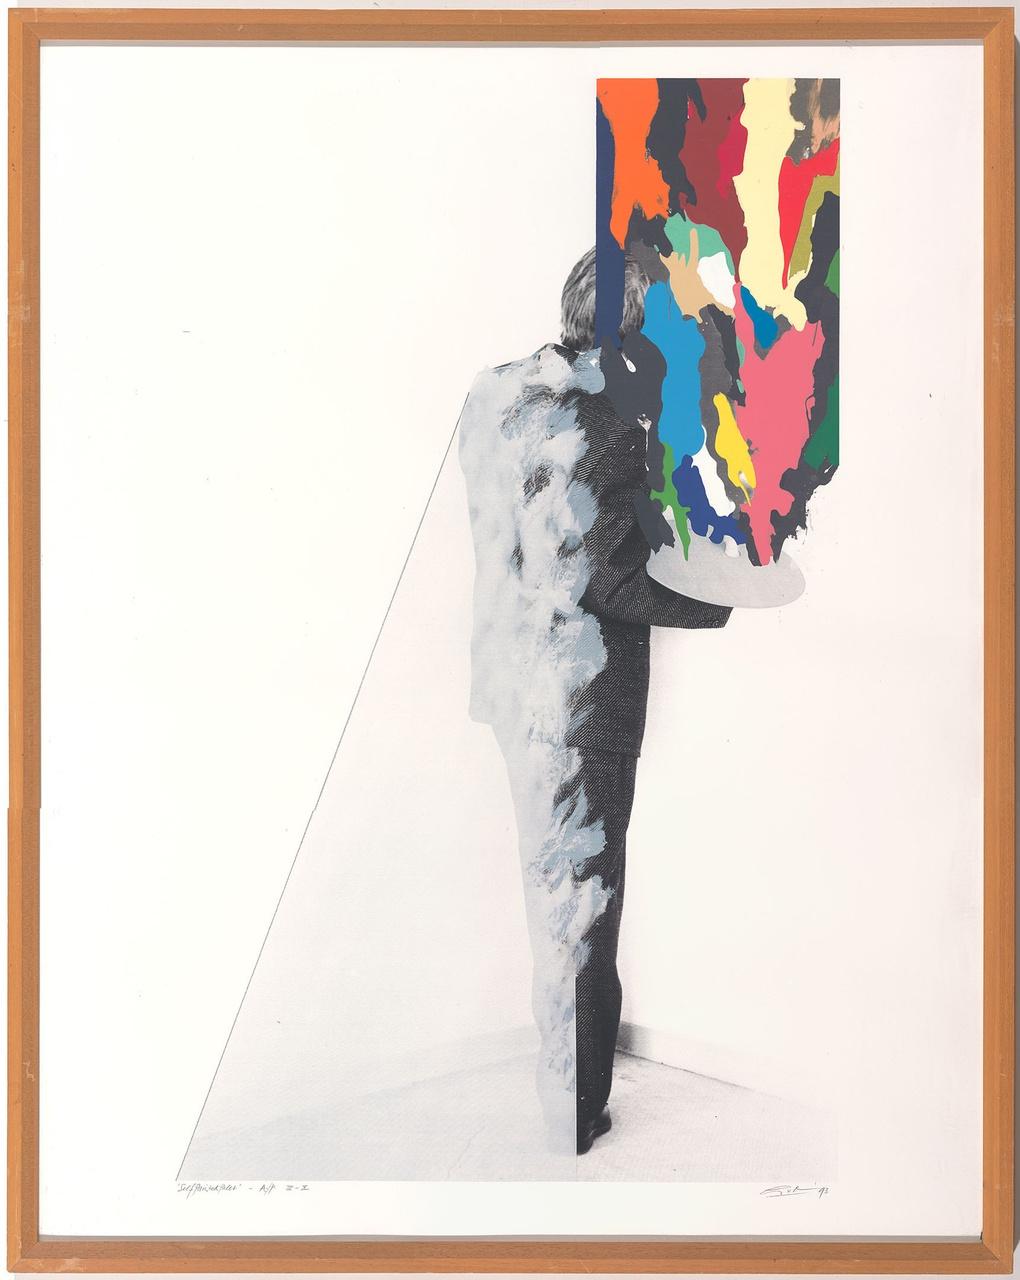 Self painted palet